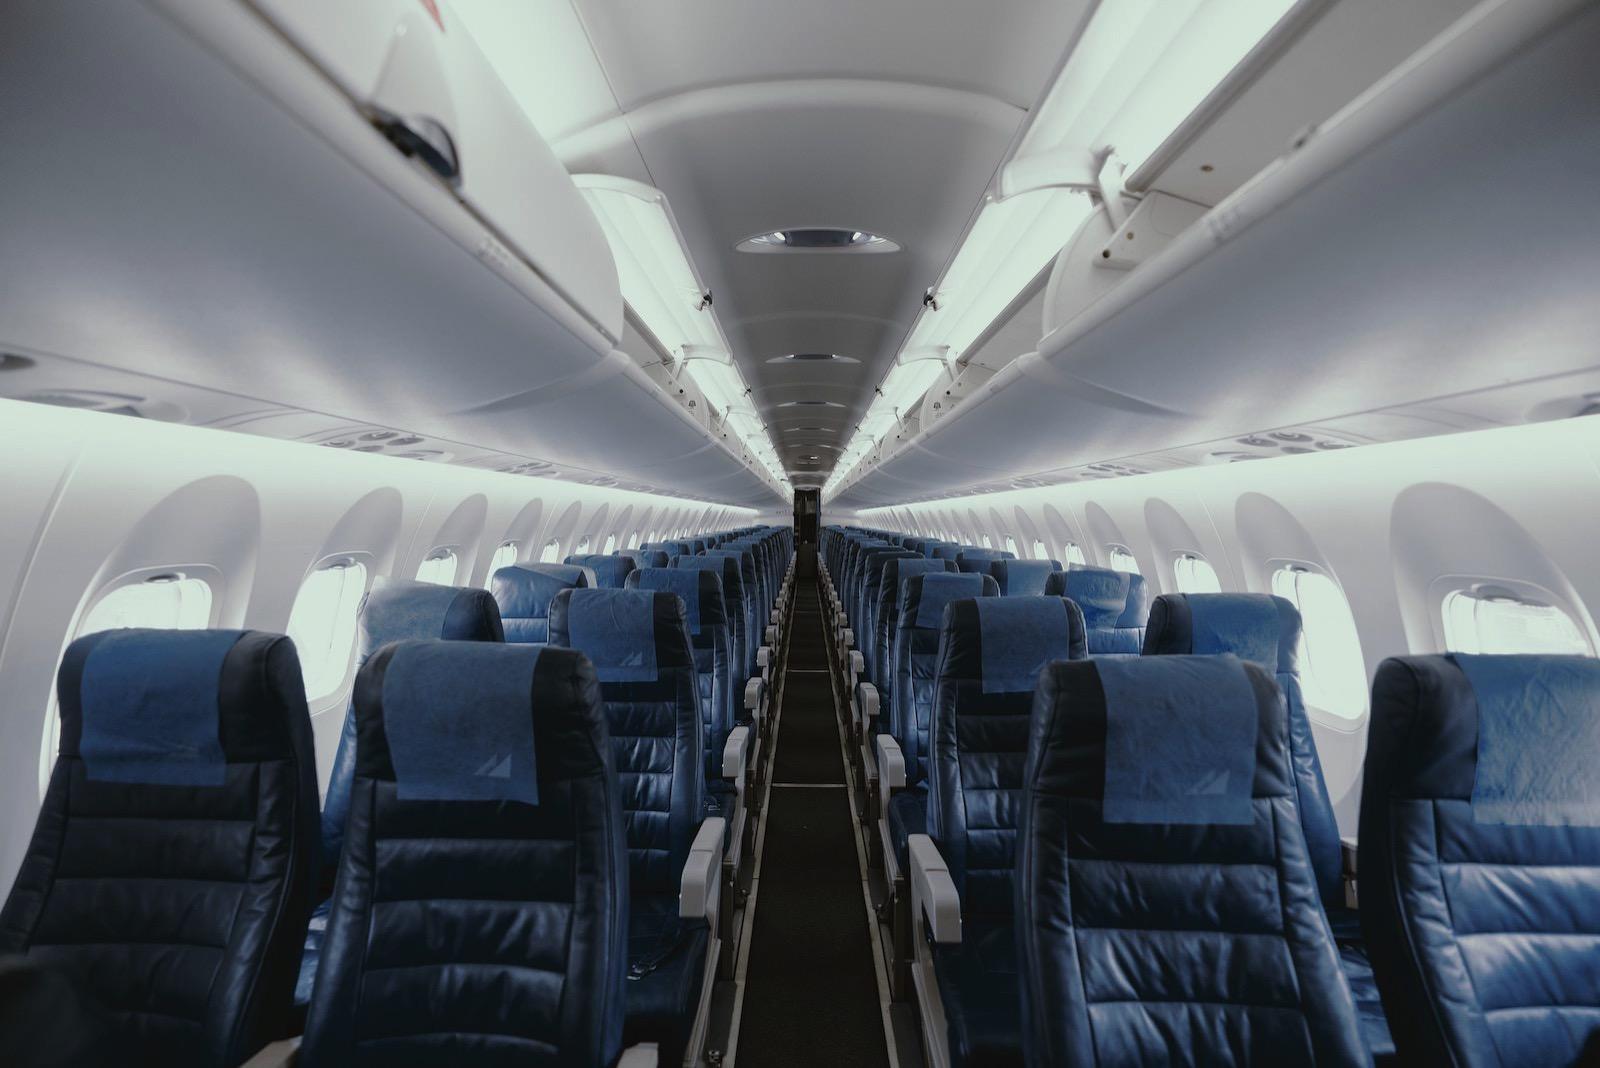 Jc gellidon 1g3qVp7ynX4 unsplash airline seats